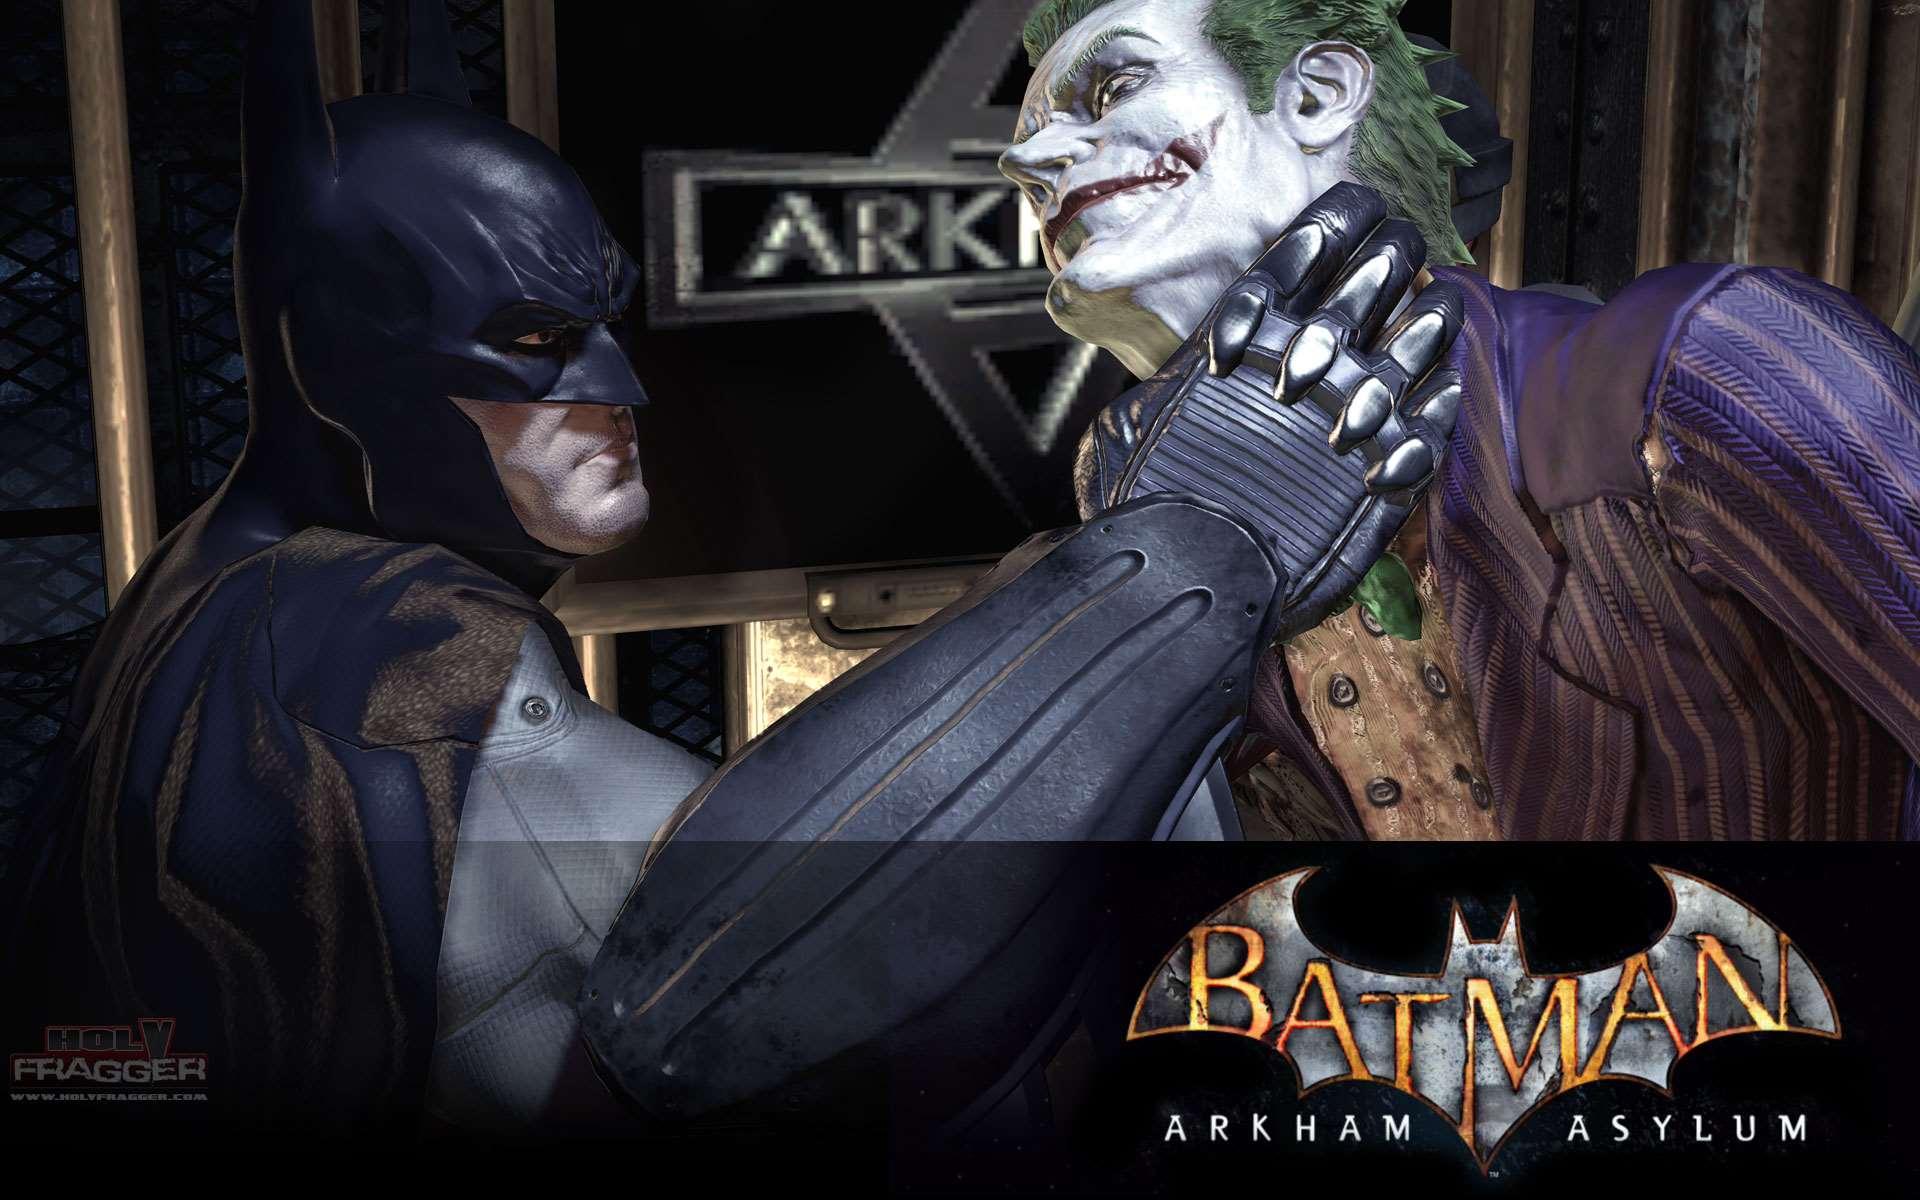 Joker Batman Arkham Asylum wallpaper 59988 1920x1200